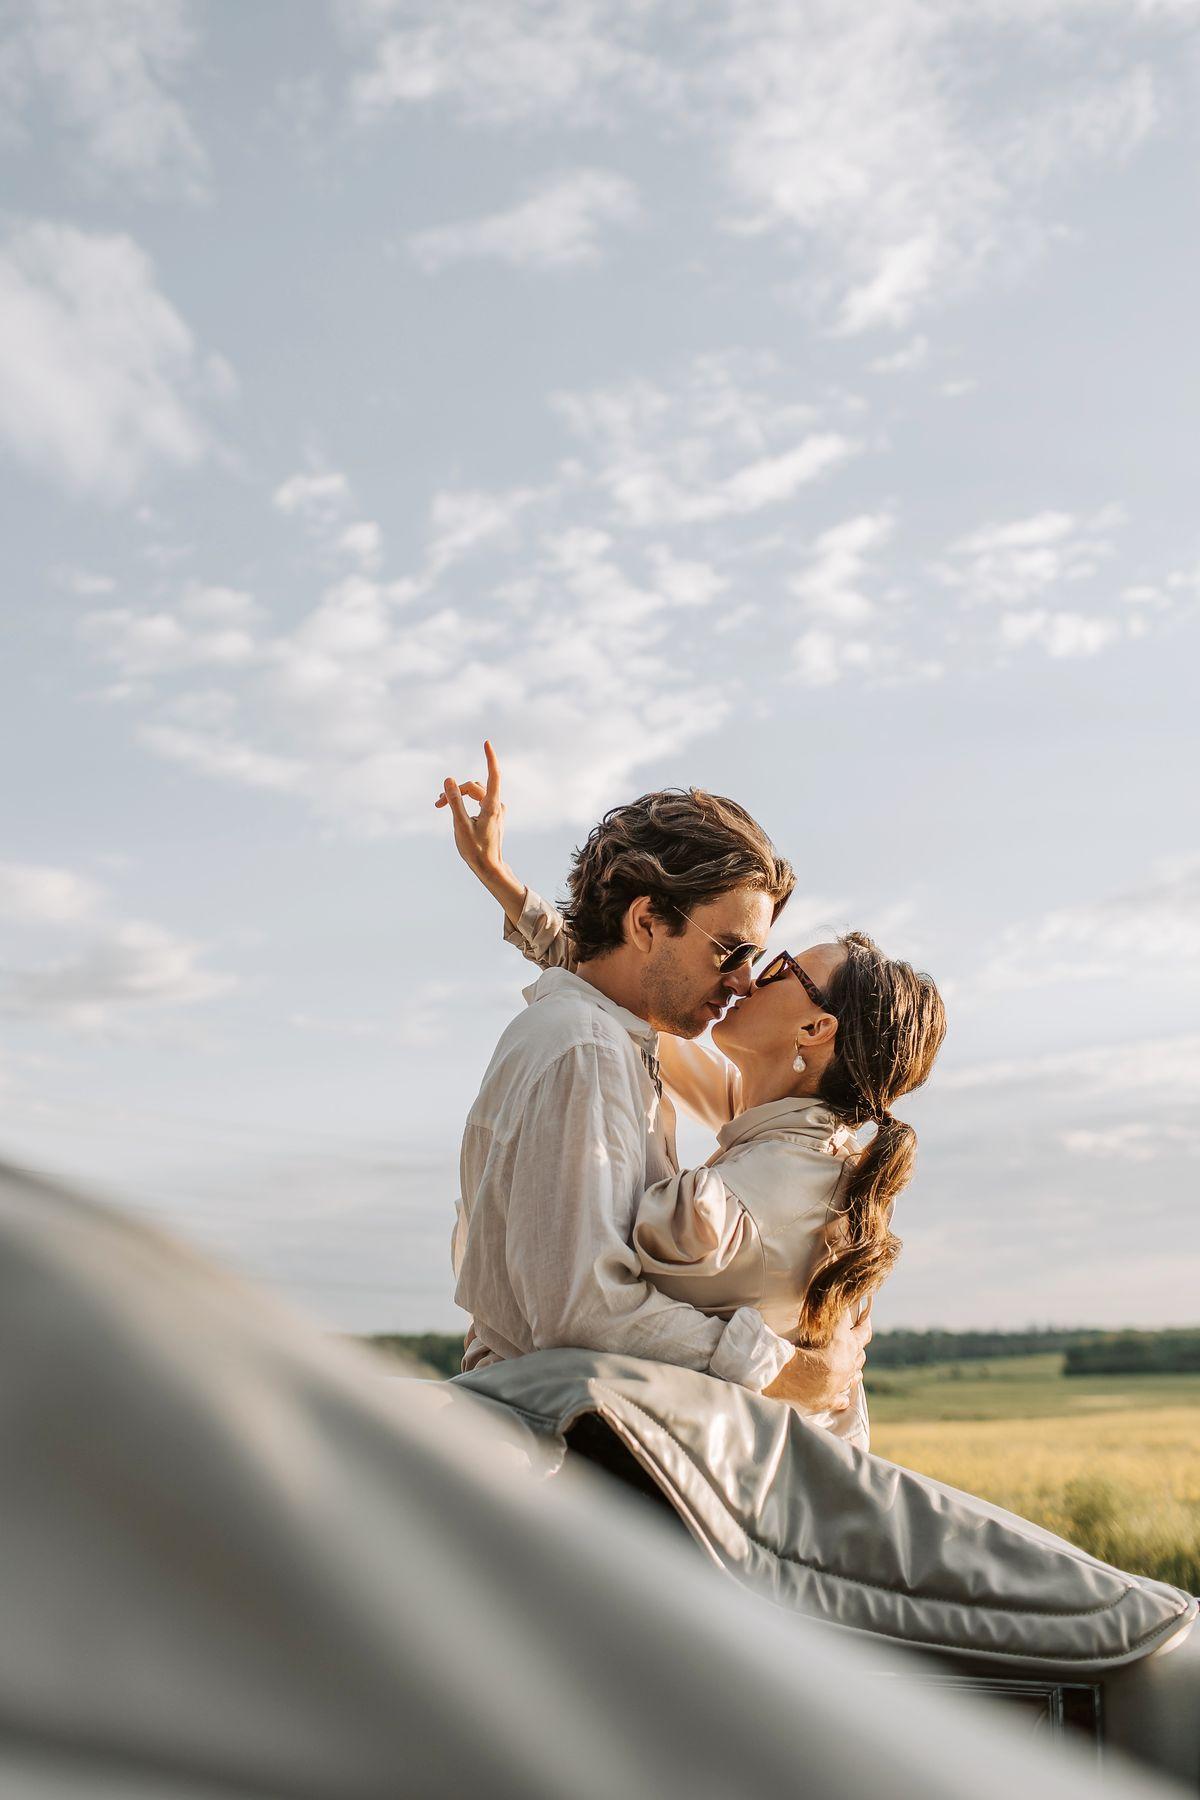 Ошибки, которые приведут к тому, что ваши идеальные отношения развалятся, фото 4